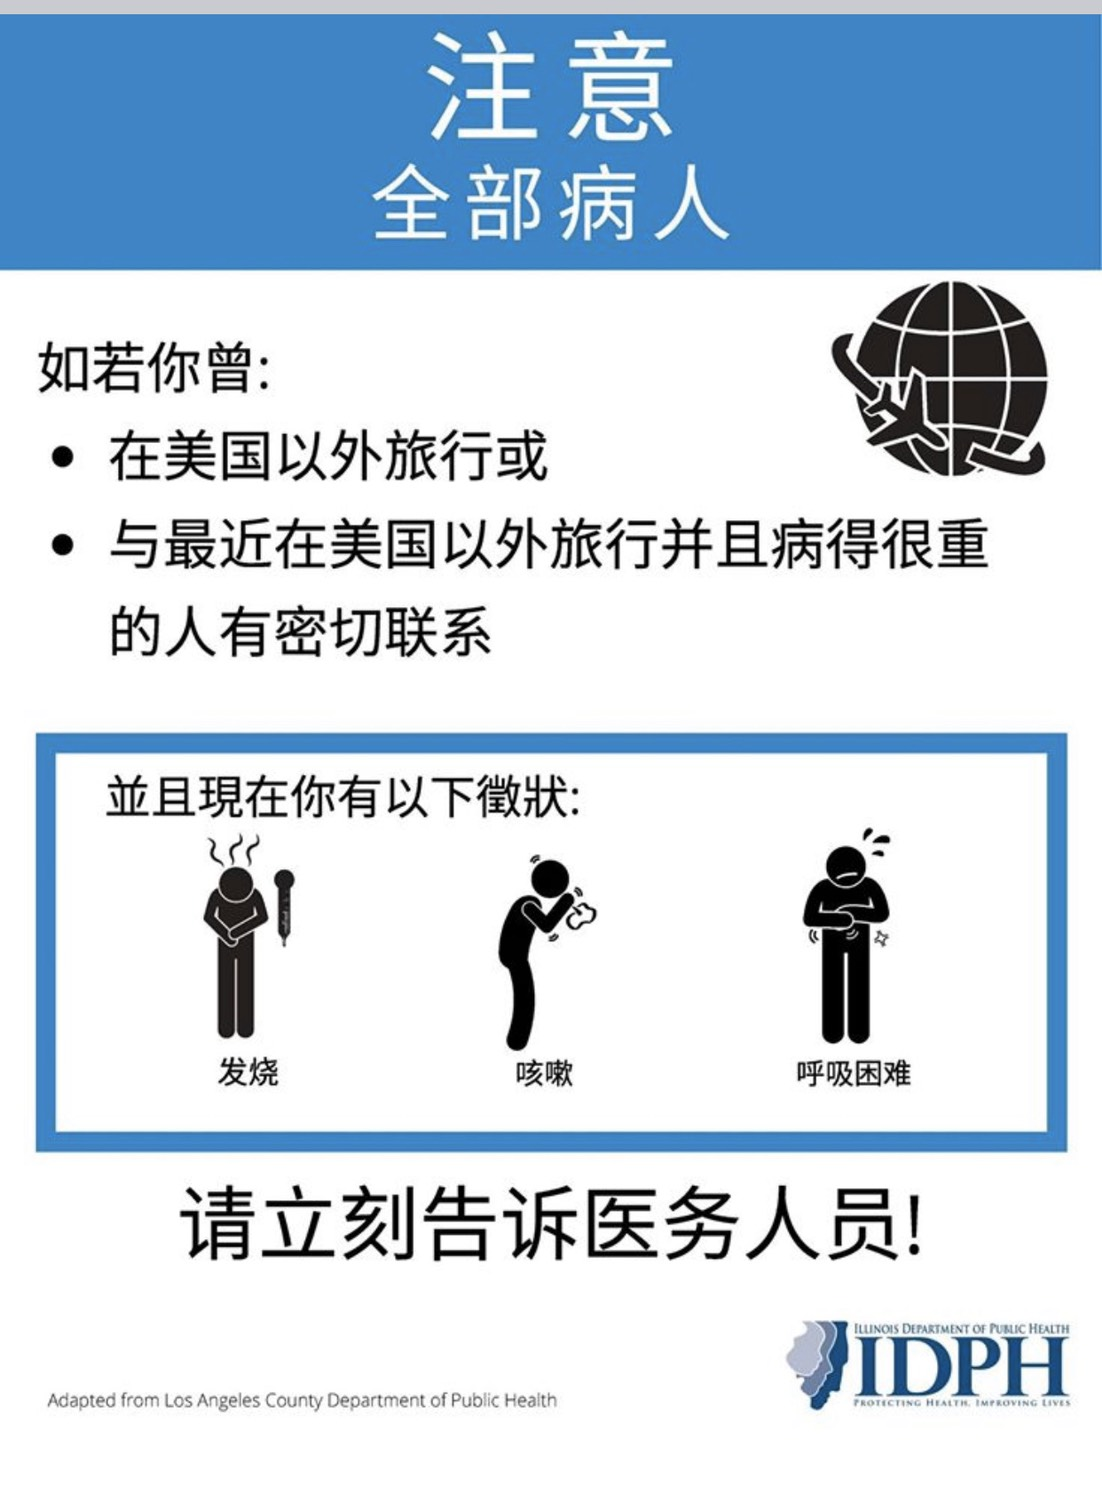 伊利諾州衛生廳推出武漢肺炎的中文宣導傳單。(IDPH提供)